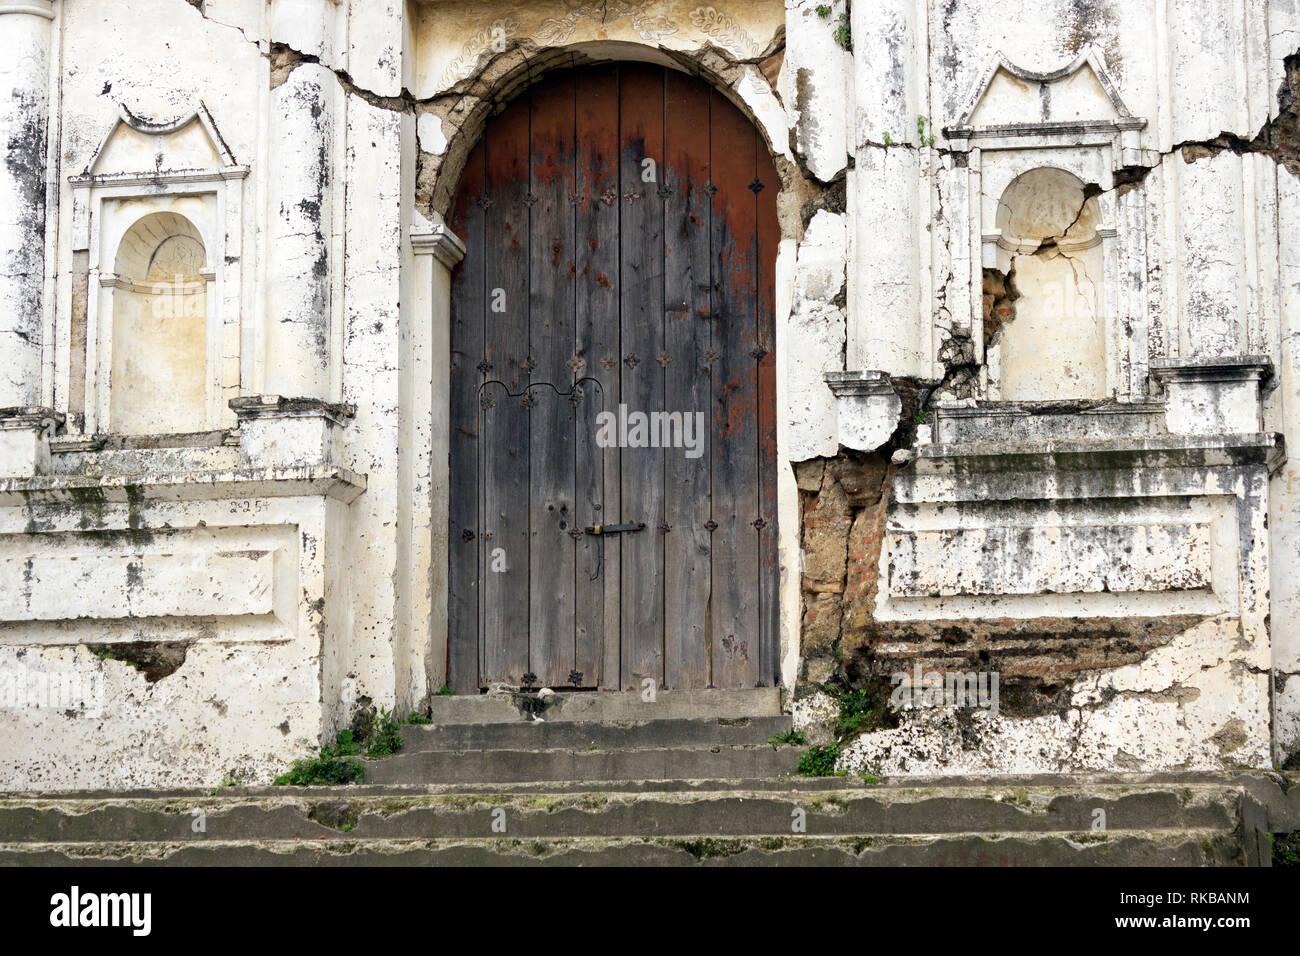 Iglesia en ruinas muy antigua, con puerta al frente desteñida, localizada muy cerca de Antigua Guatemala, ciudad colonial de mucha importancia Stock Photo